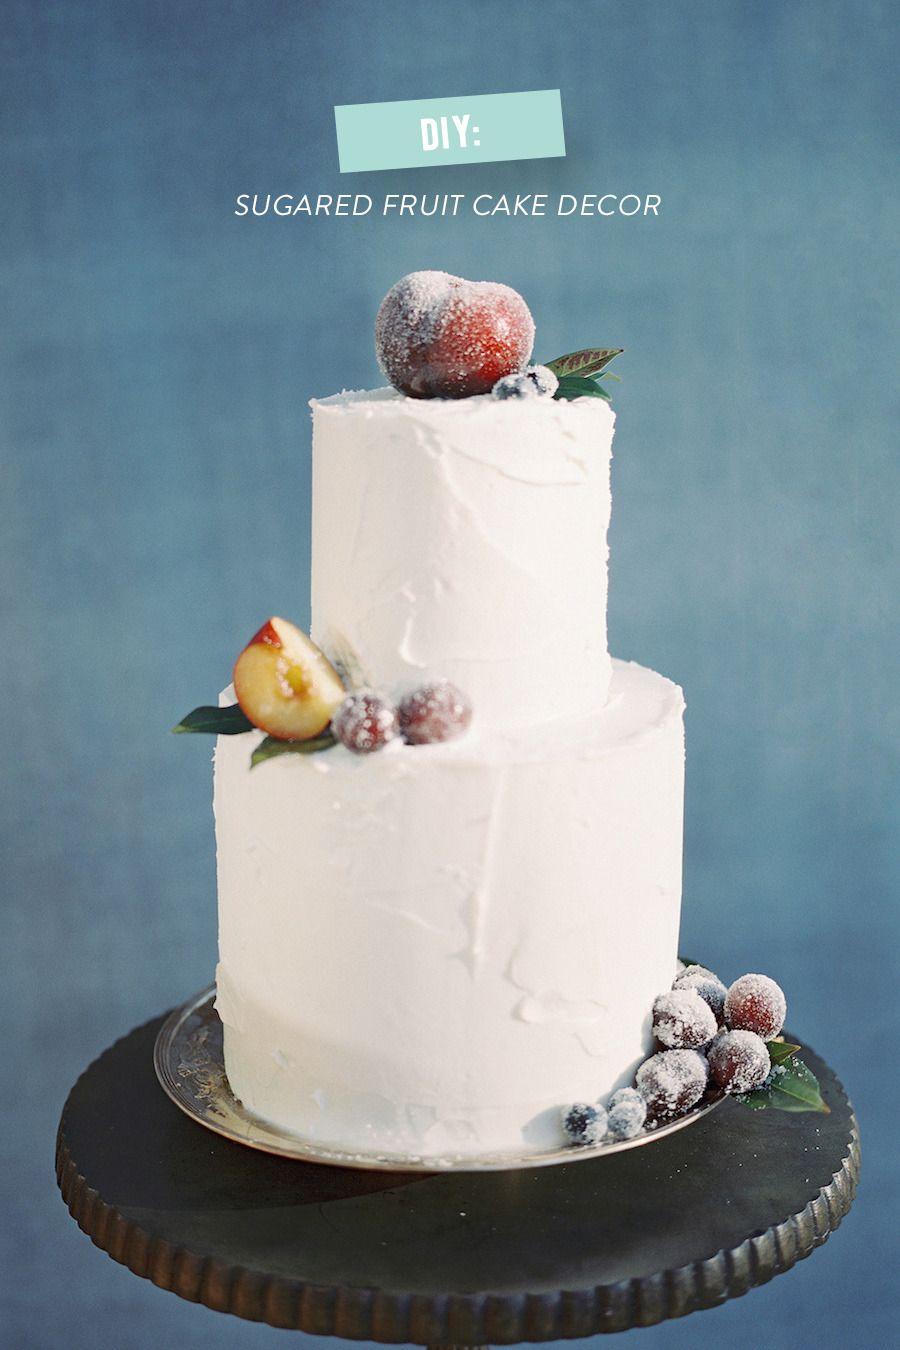 Diy Sugared Fruit Holiday Cake Fruit Cake Decorating Fruit Cakes